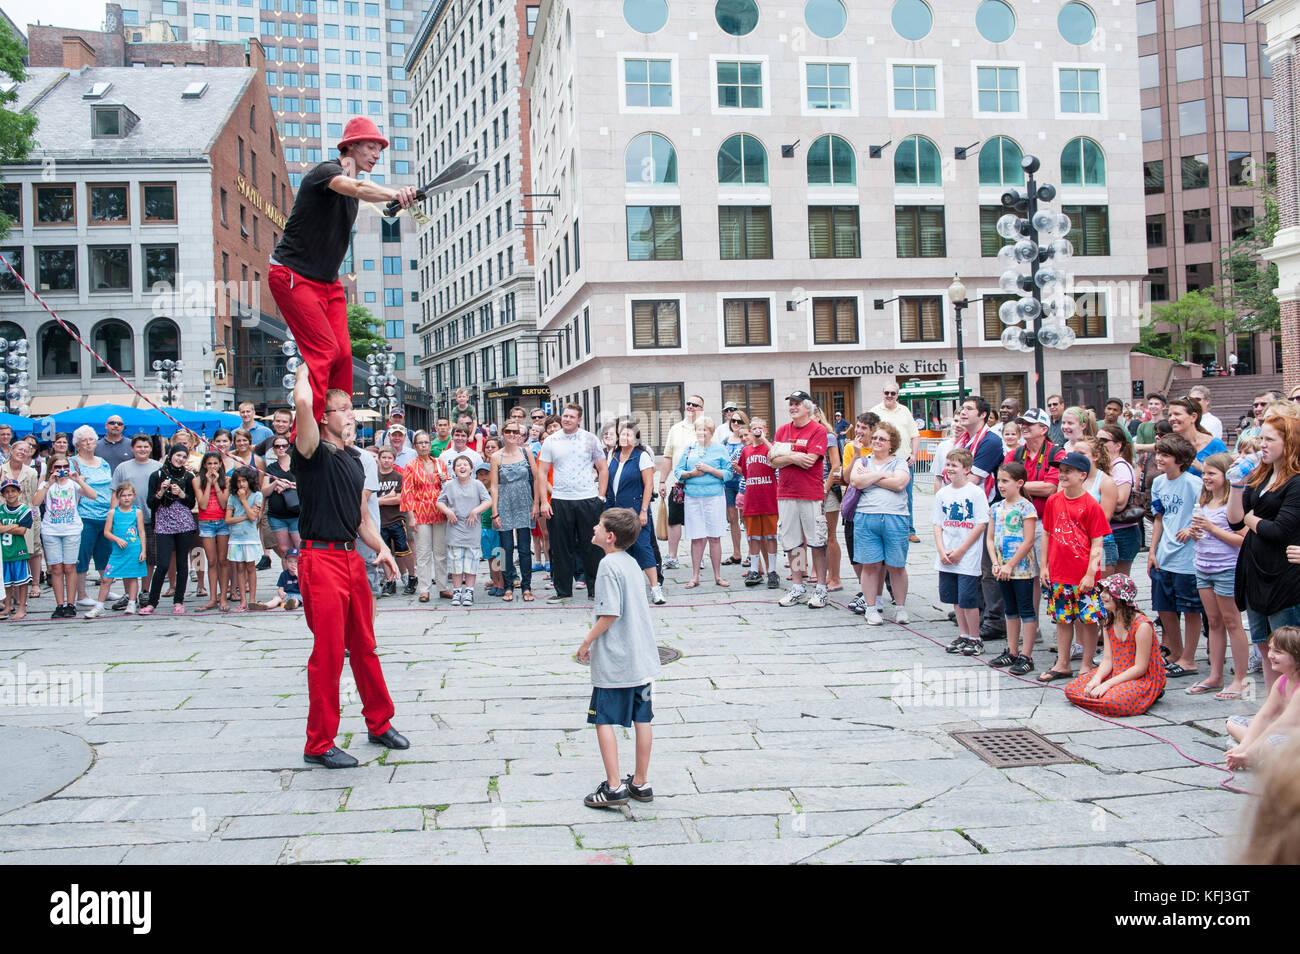 Los artistas callejeros entretenido turistas fuera de Quincy market en Boston, Massachusetts Imagen De Stock